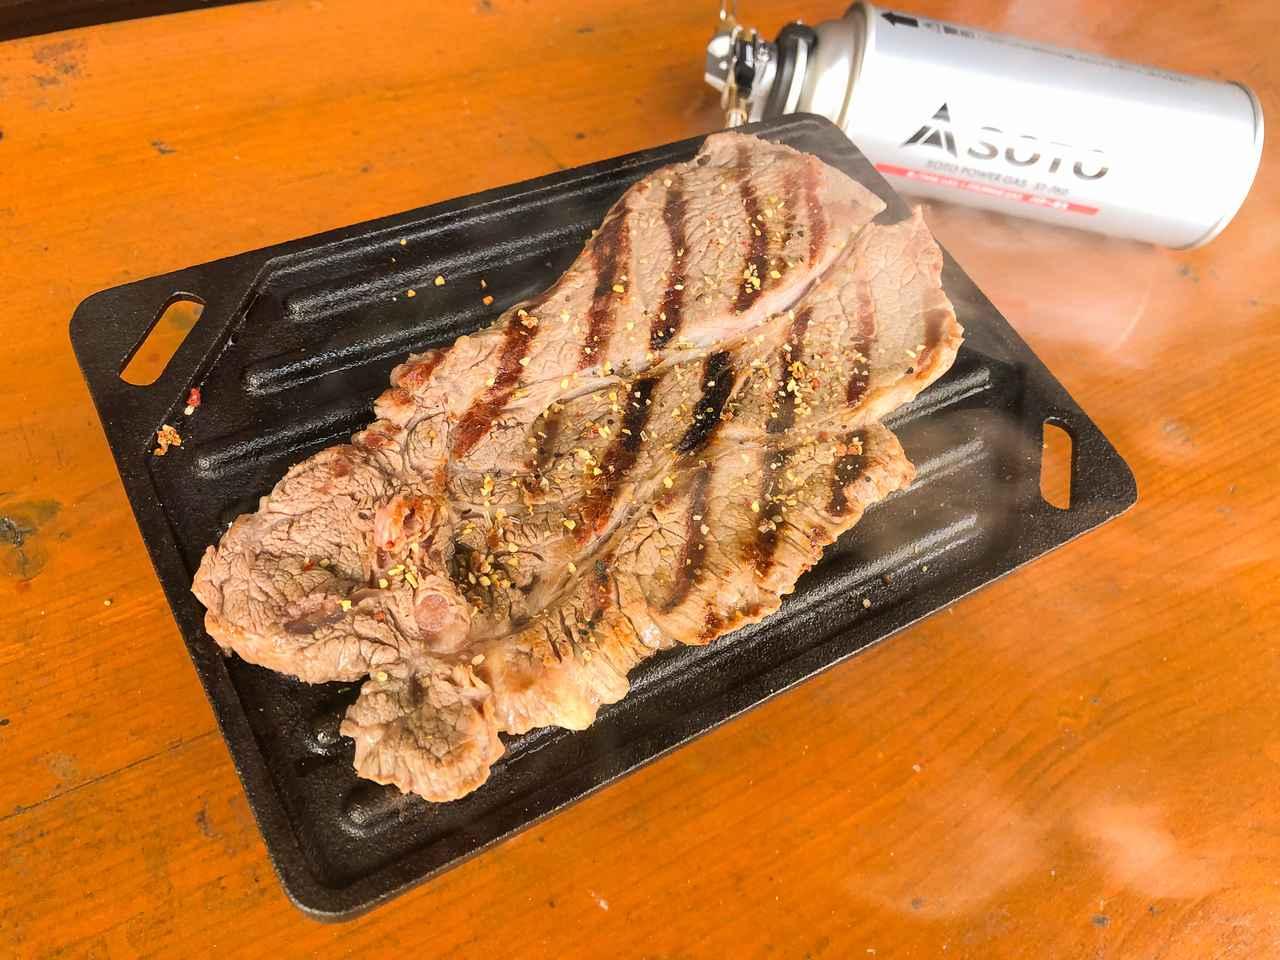 画像: 筆者撮影 安いお肉でしたが、美味しくいただくことができました。